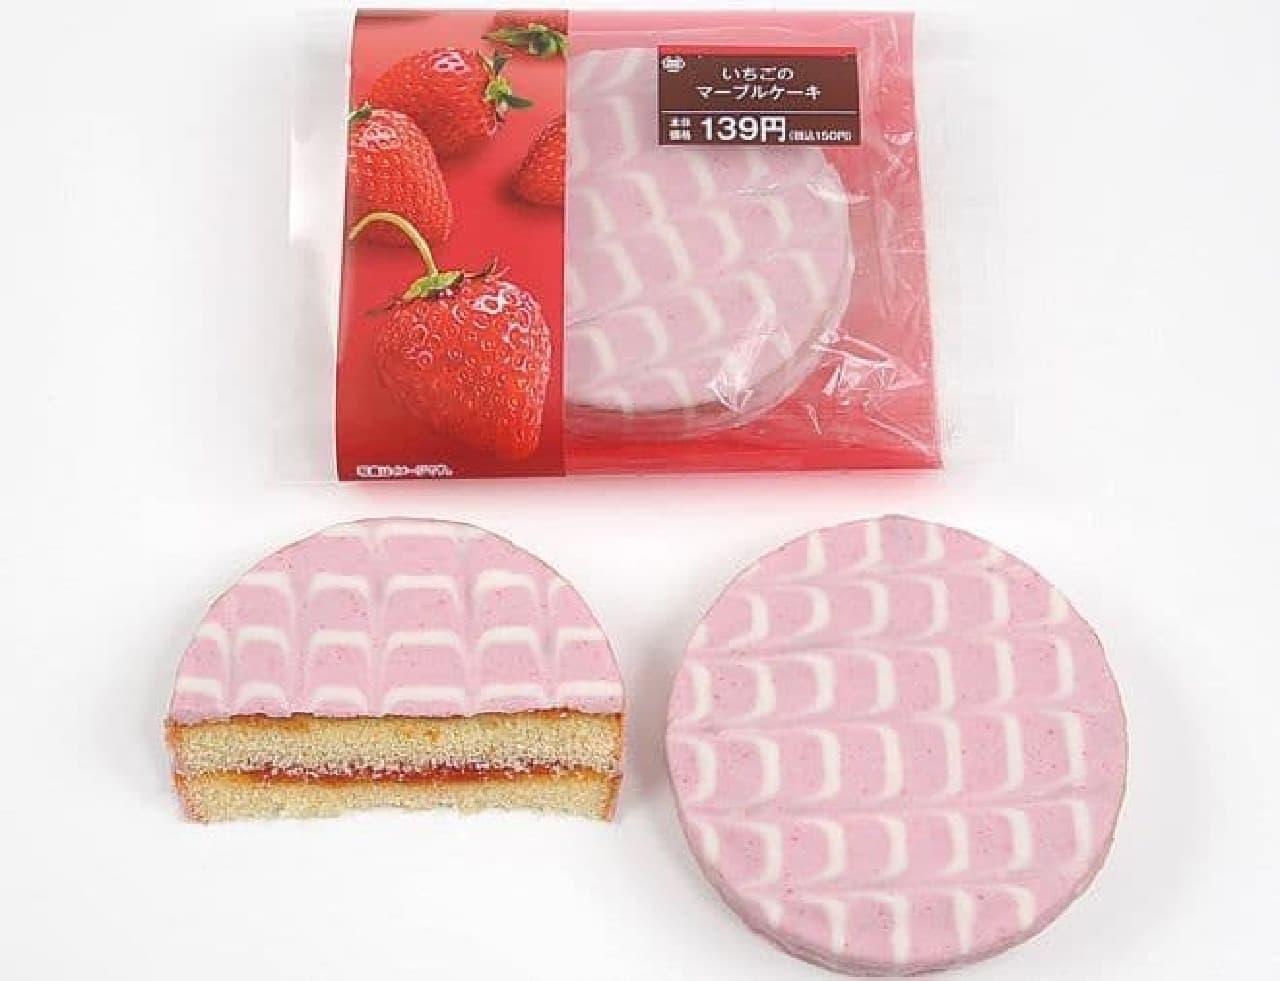 ミニストップ「いちごのマーブルケーキ」